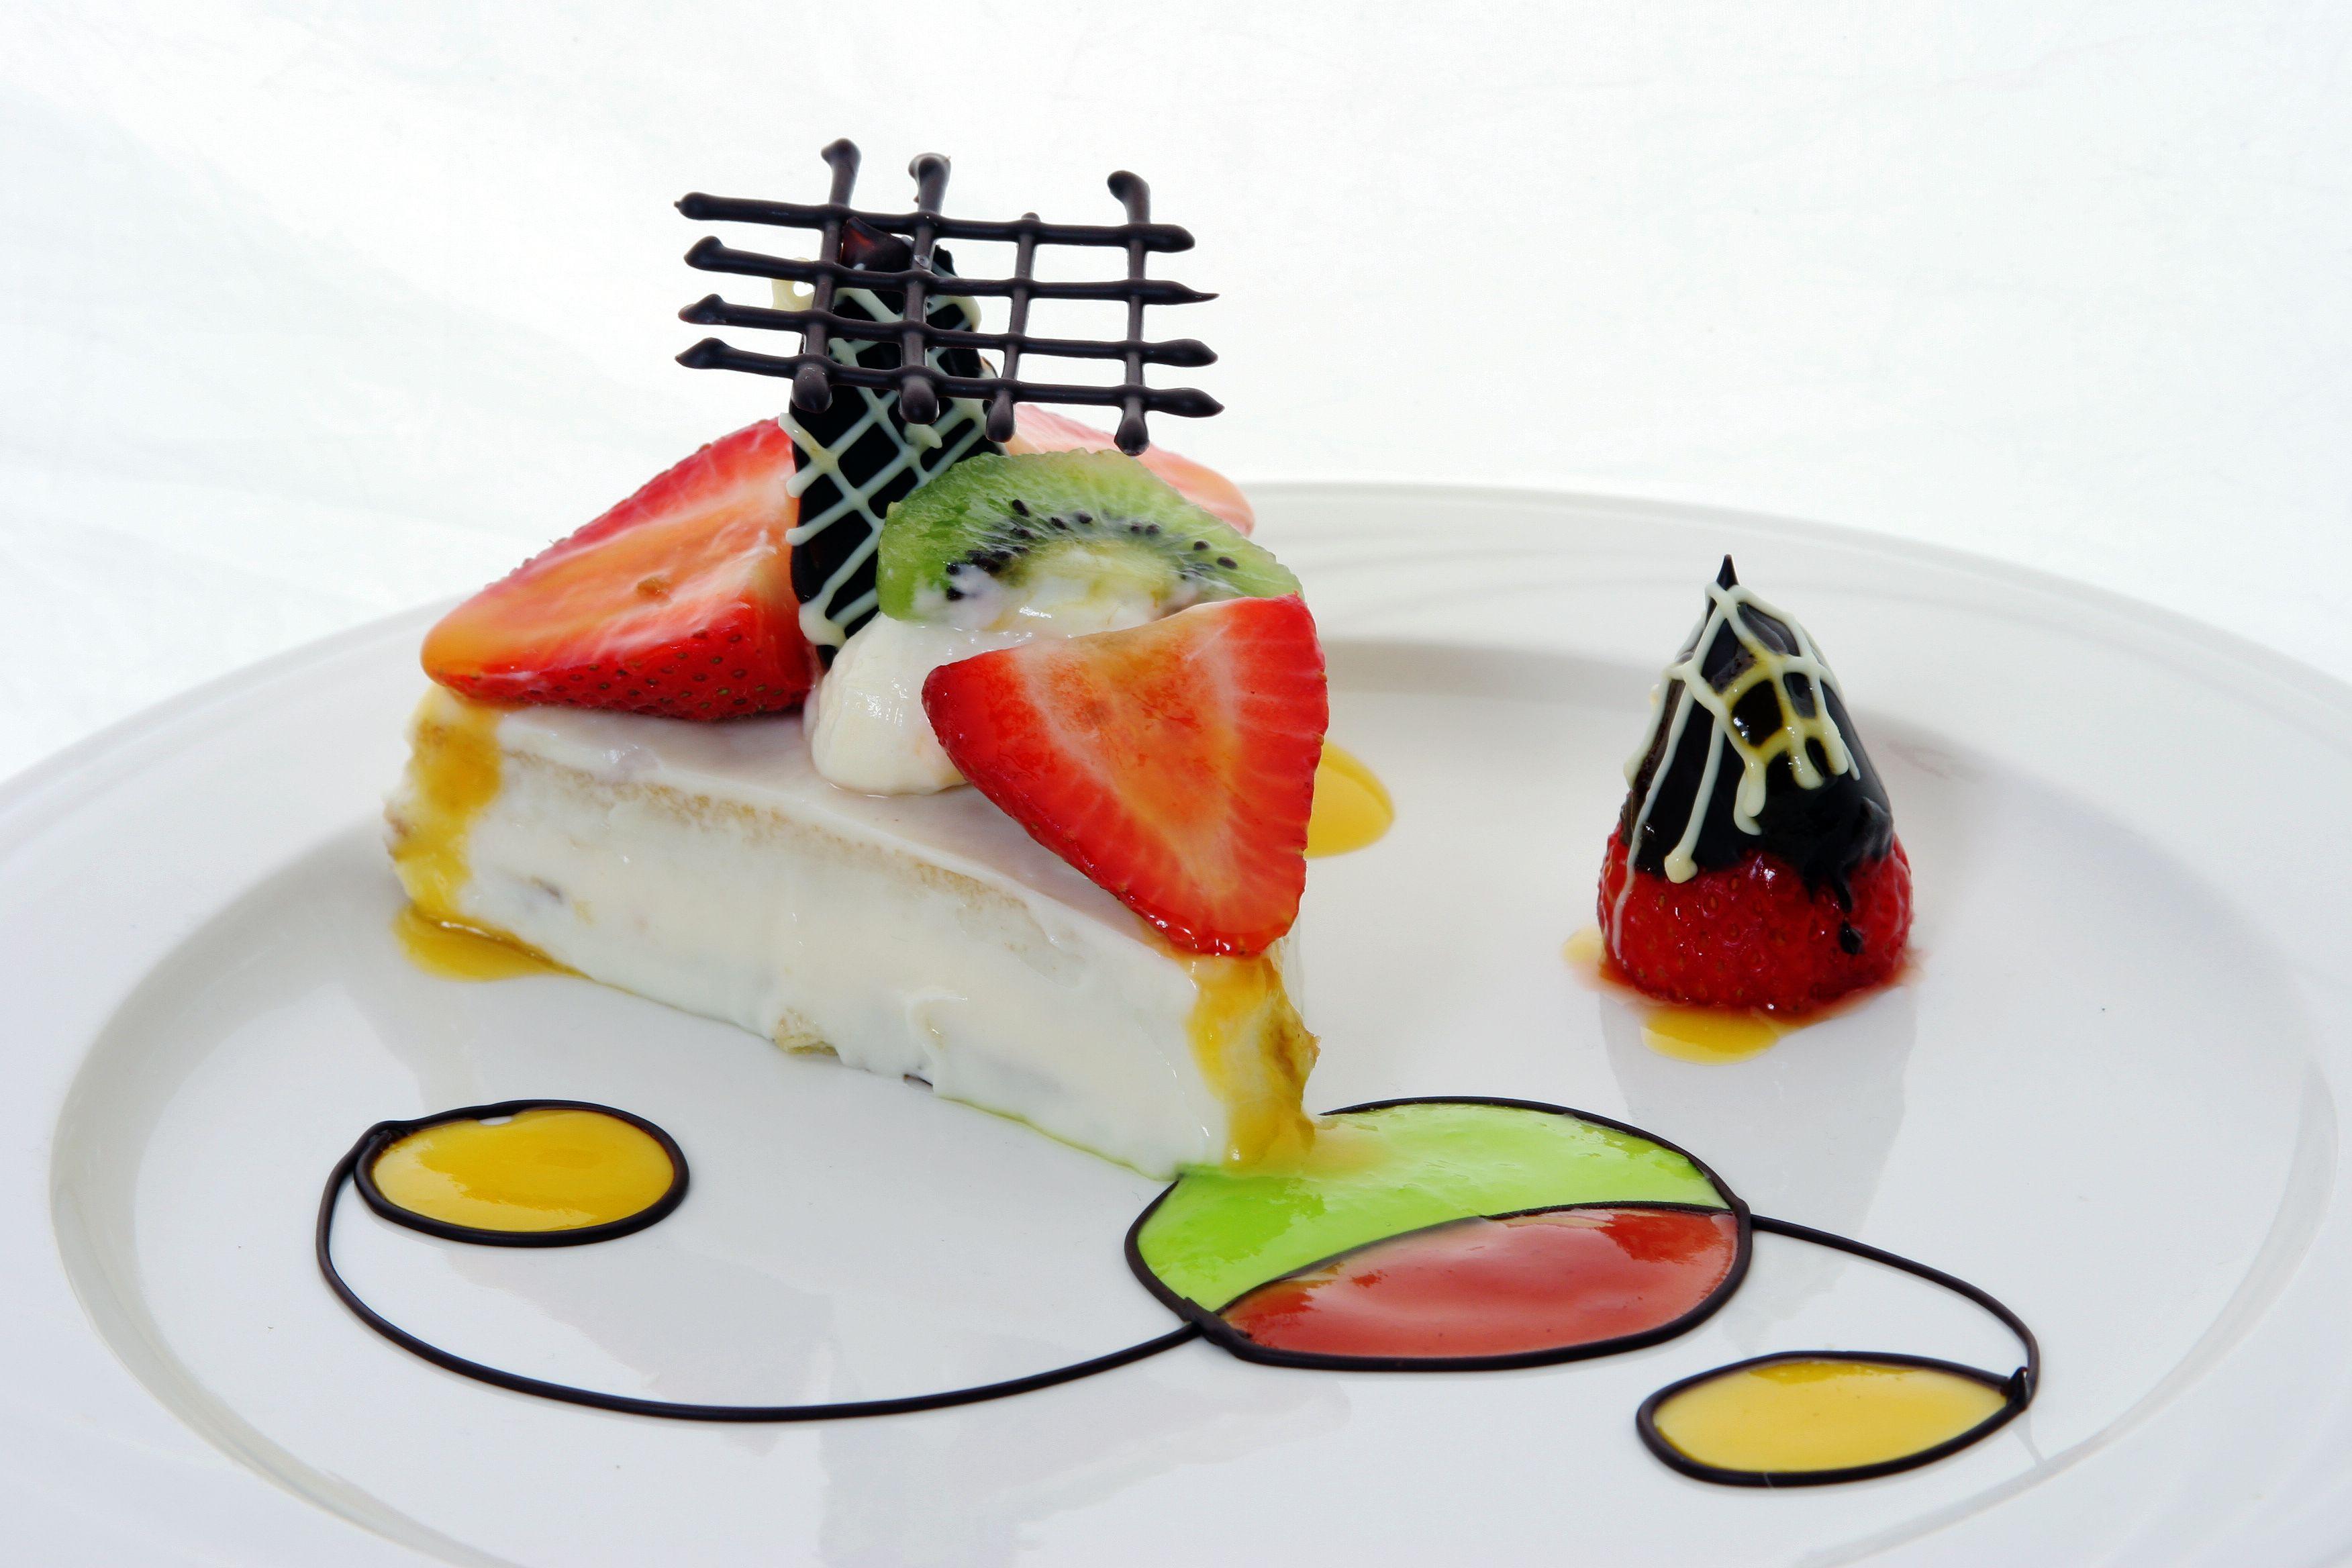 images about un tableau dans l assiette 1000 images about un tableau dans l assiette sauces legumes and dressage